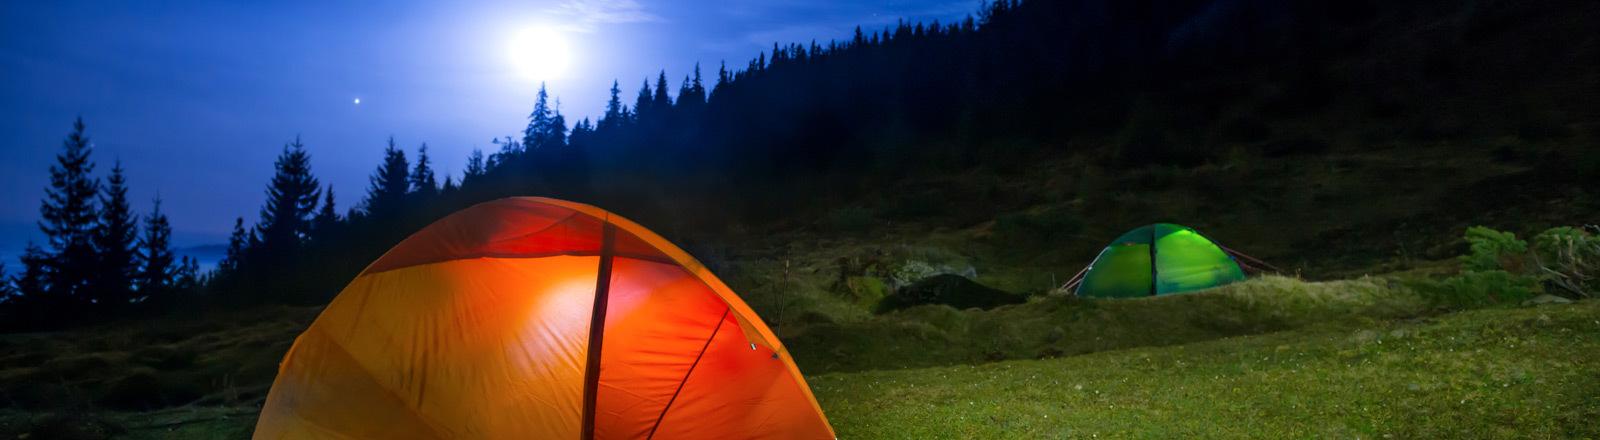 Zelten im Freien.